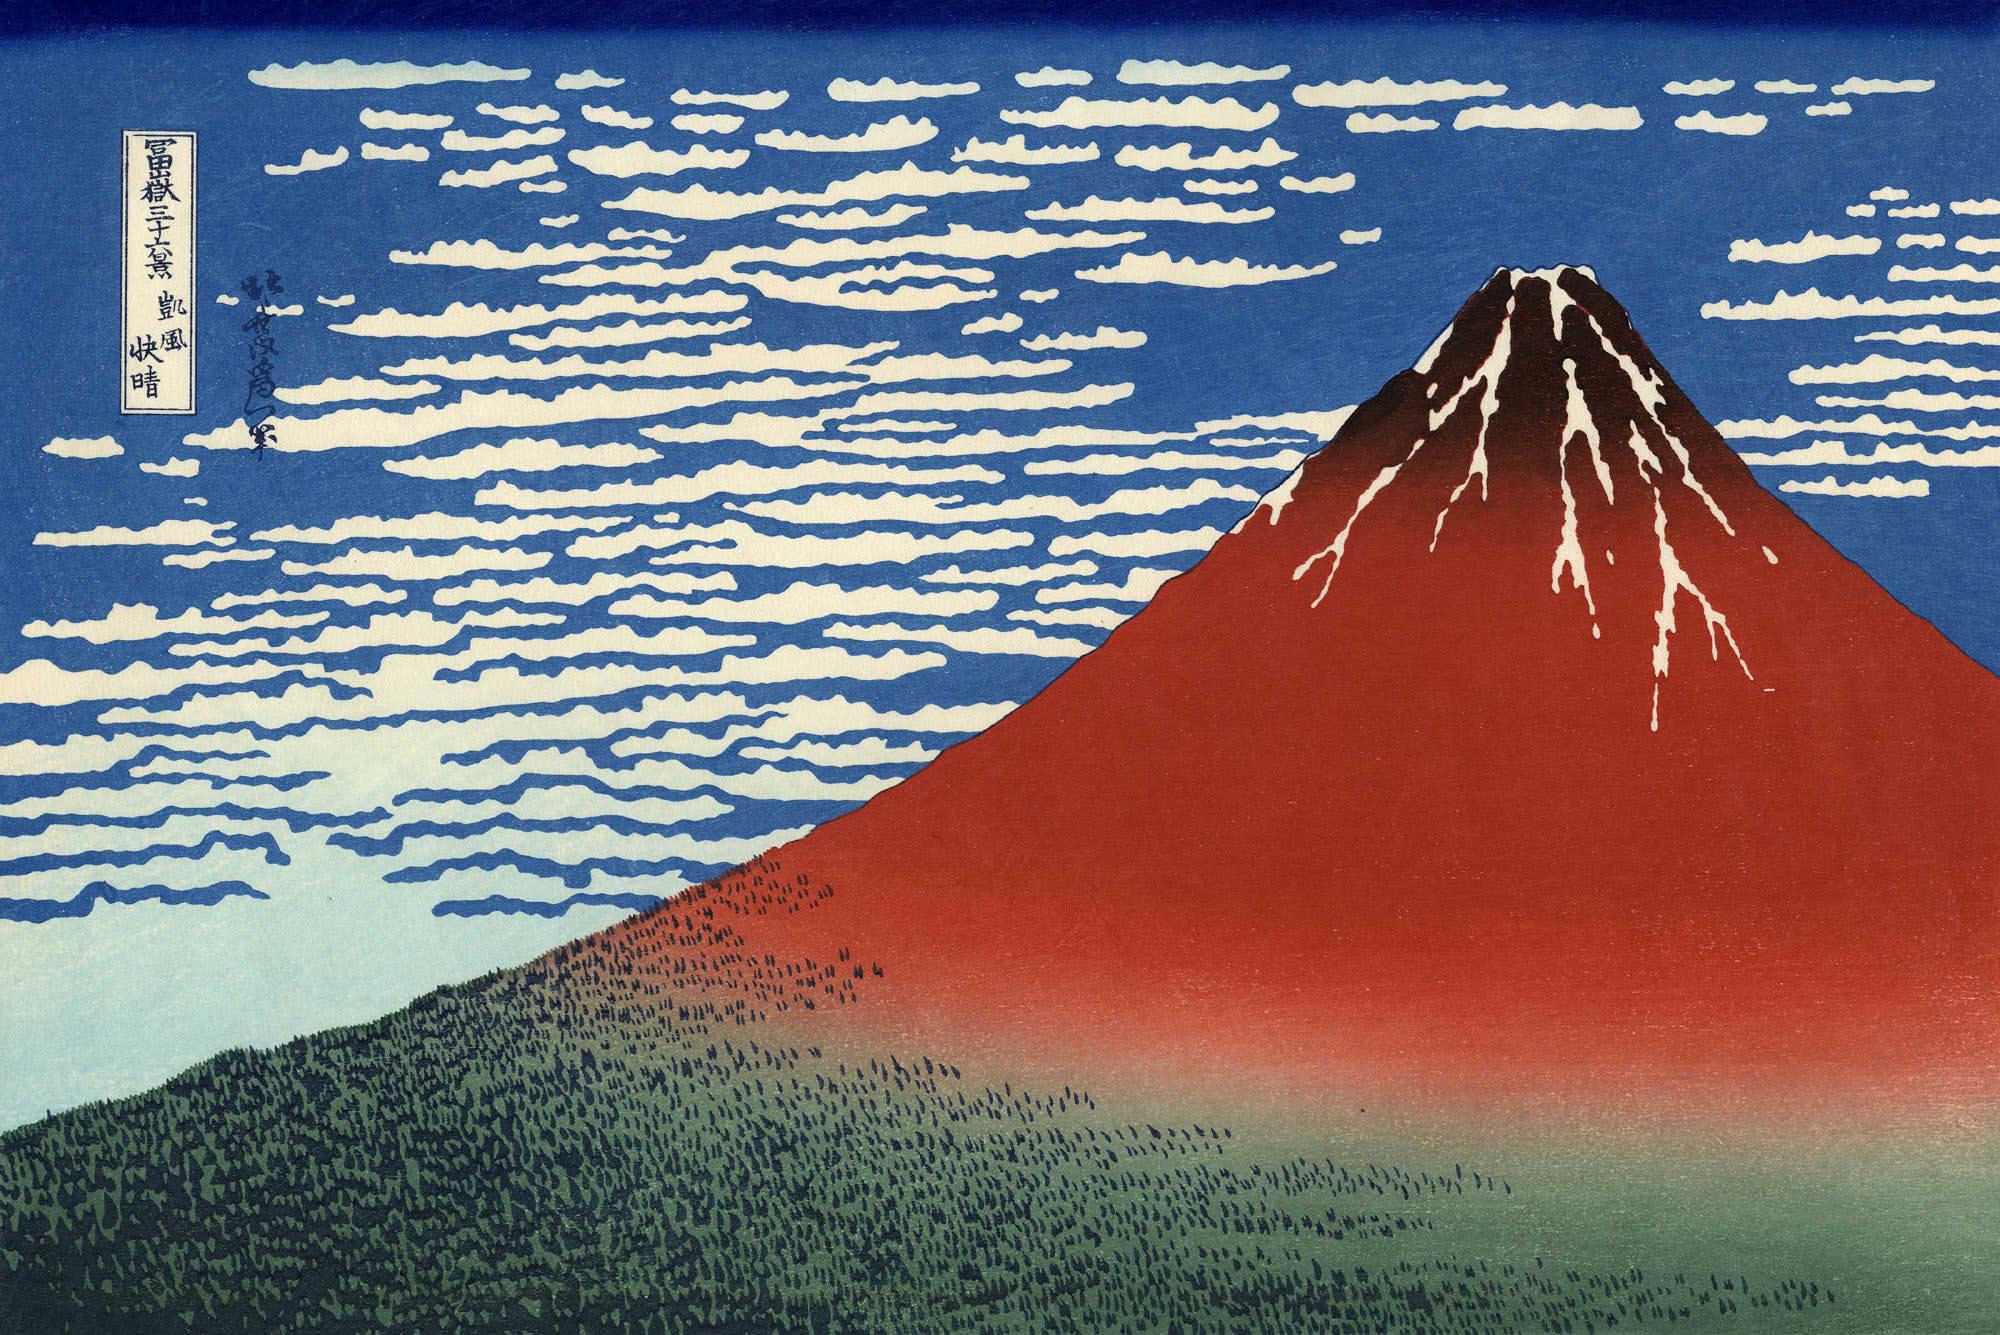 凱風快晴(通称:赤富士、葛飾北斎の画)の拡大画像